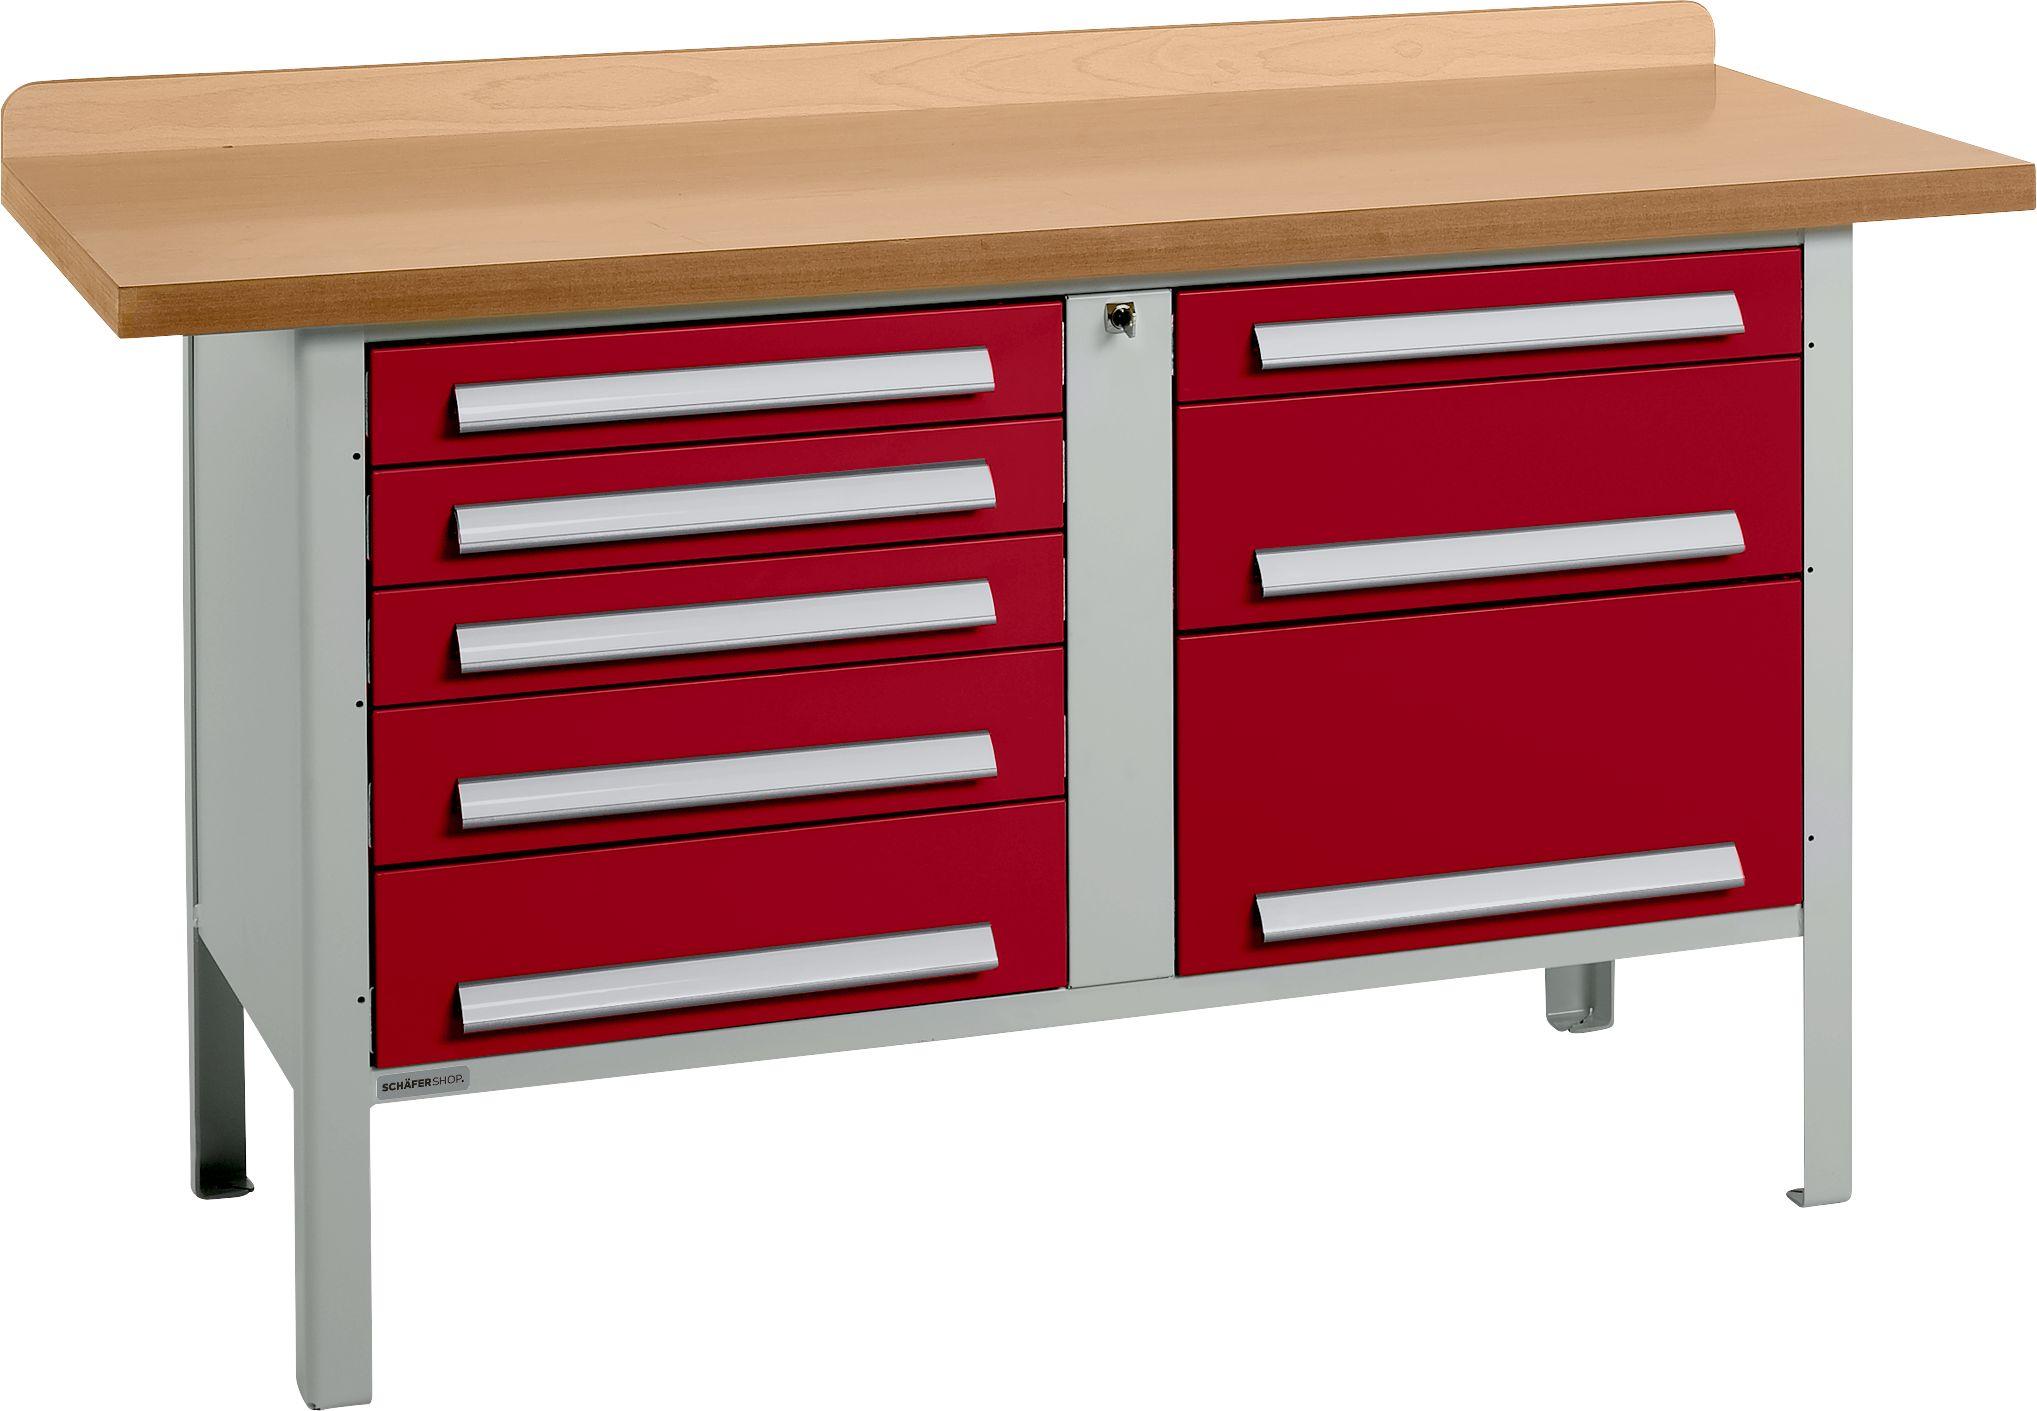 universelle profi werkbank pw 150 8 g nstig kaufen sch fer shop. Black Bedroom Furniture Sets. Home Design Ideas